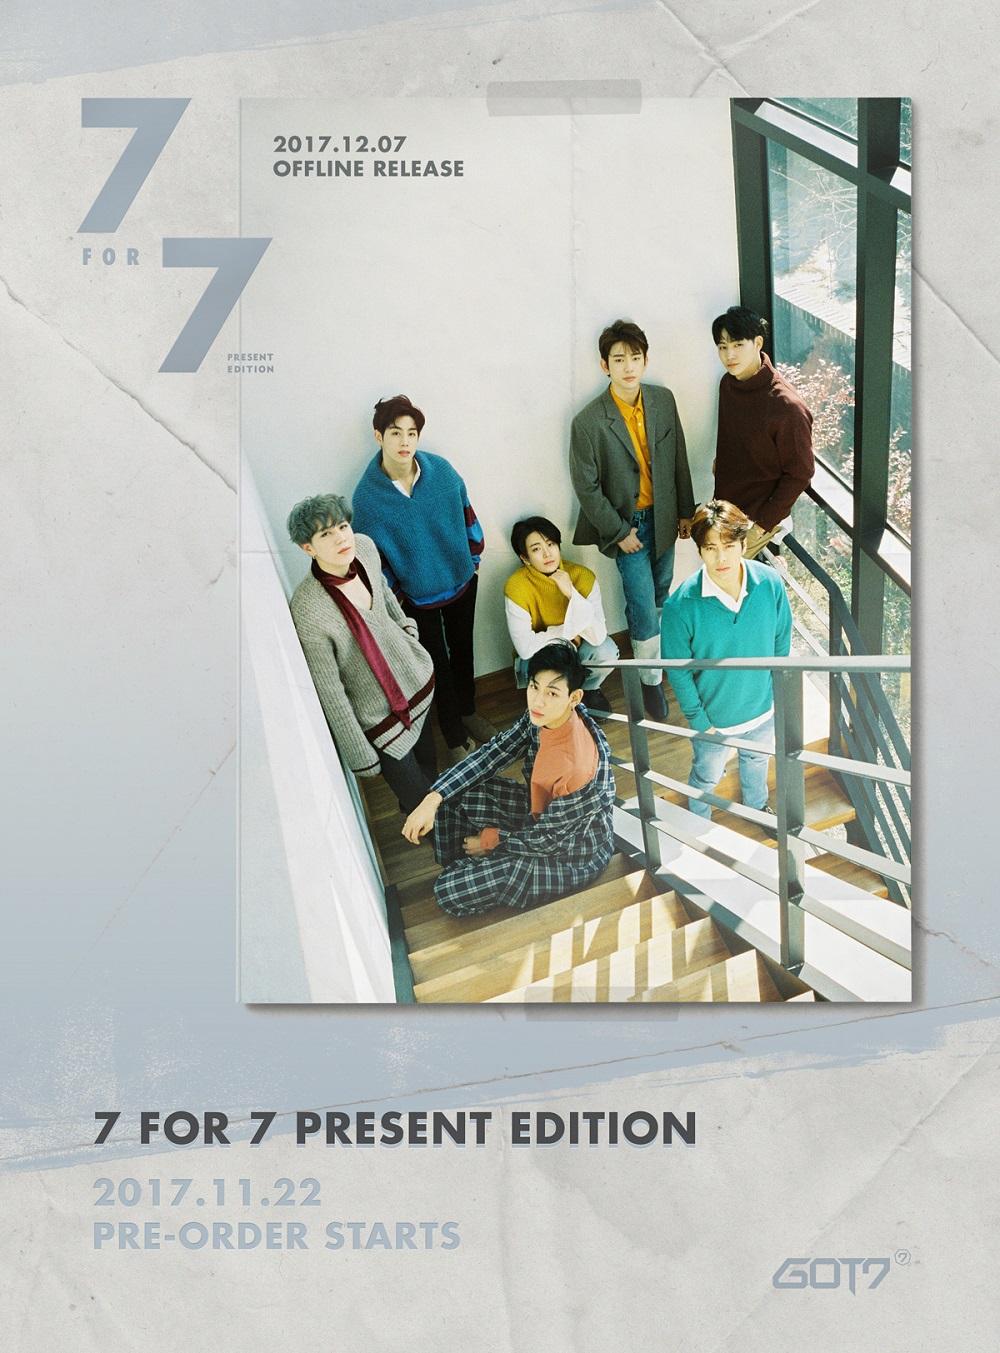 [Pre] GOT7 : Album - 7 for 7 PRESENT EDITION (Random Ver.) +Poster